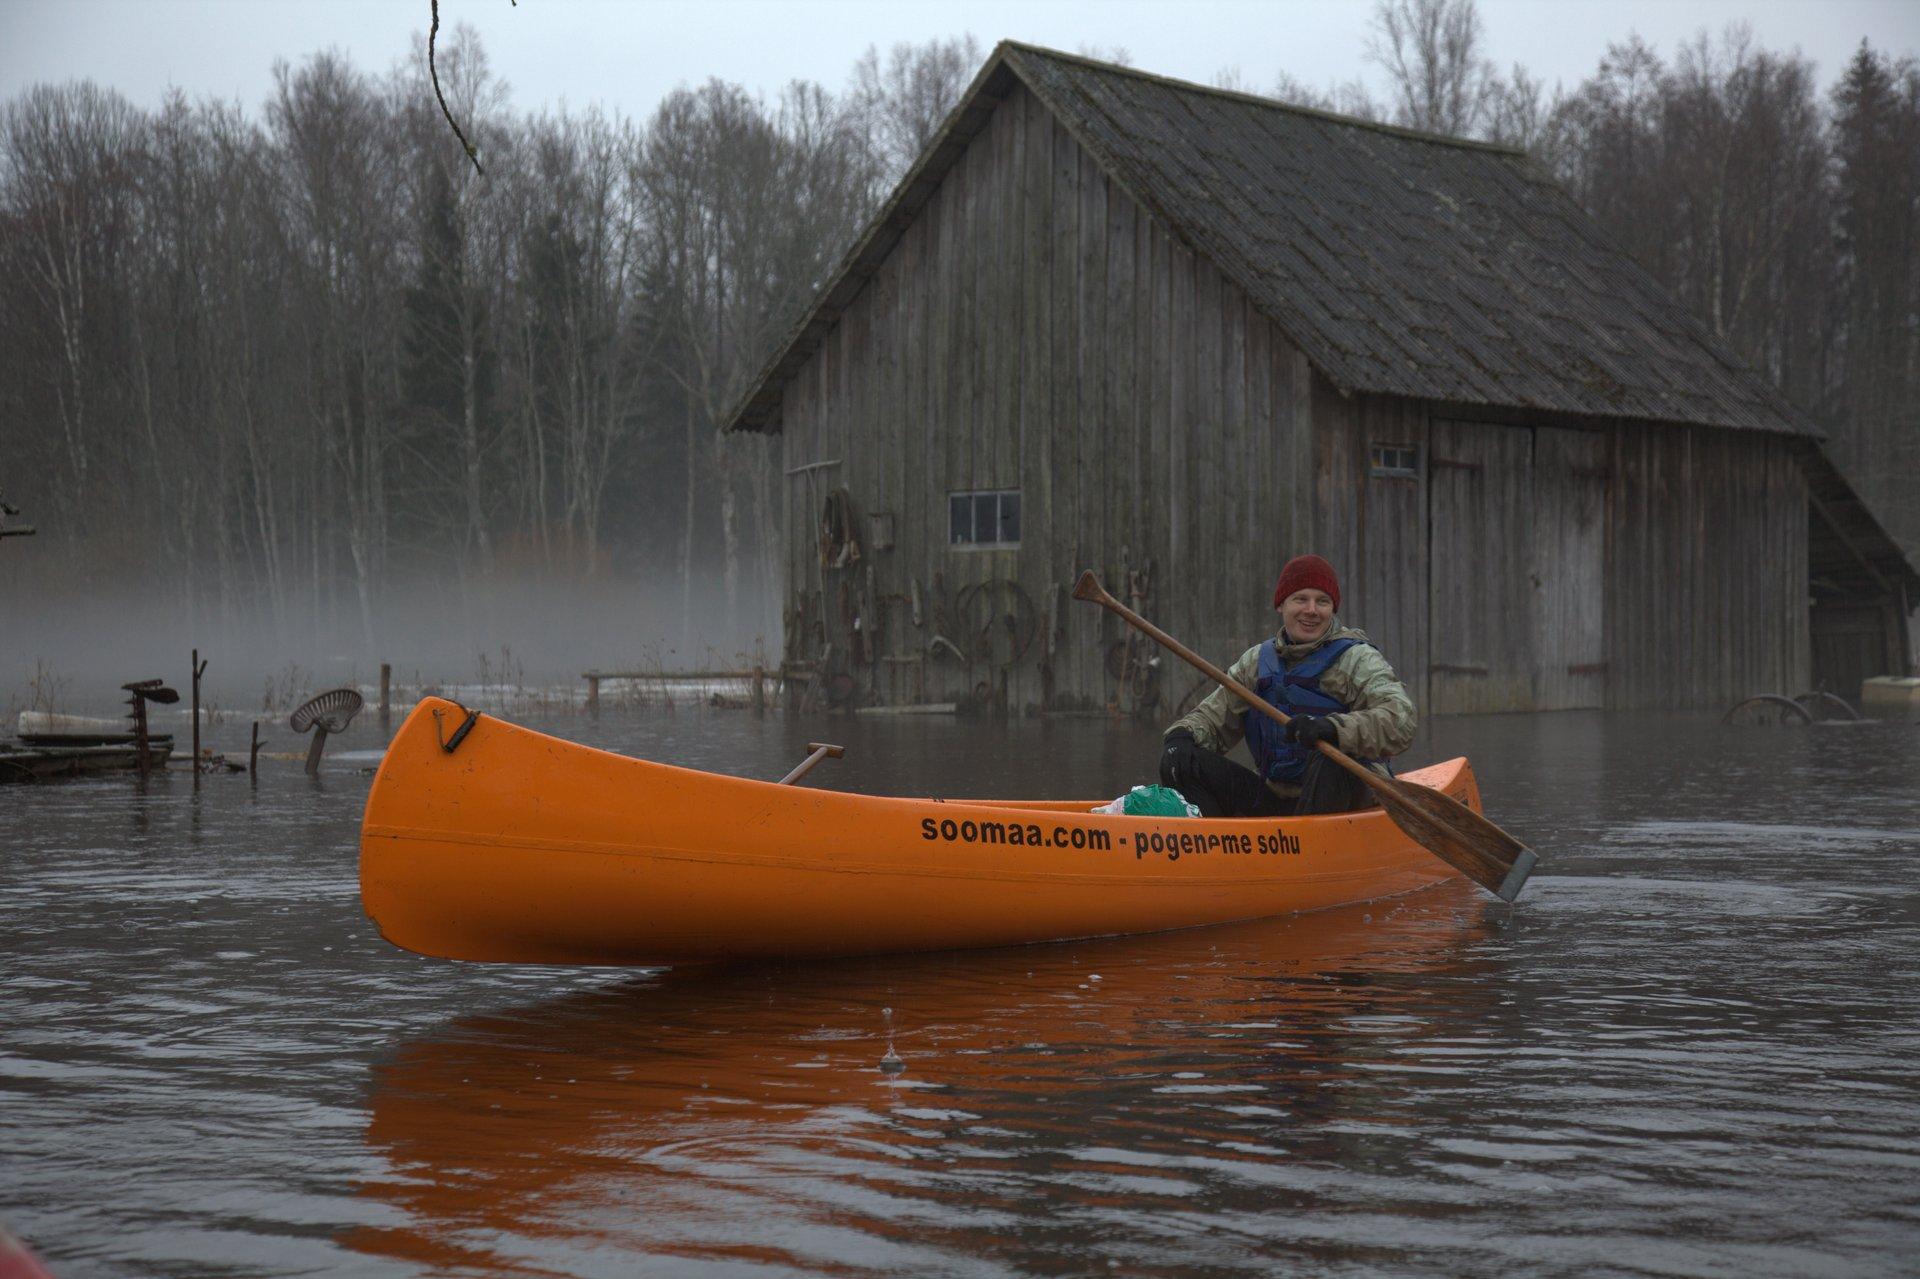 Soomaa snowmelt floods 2020